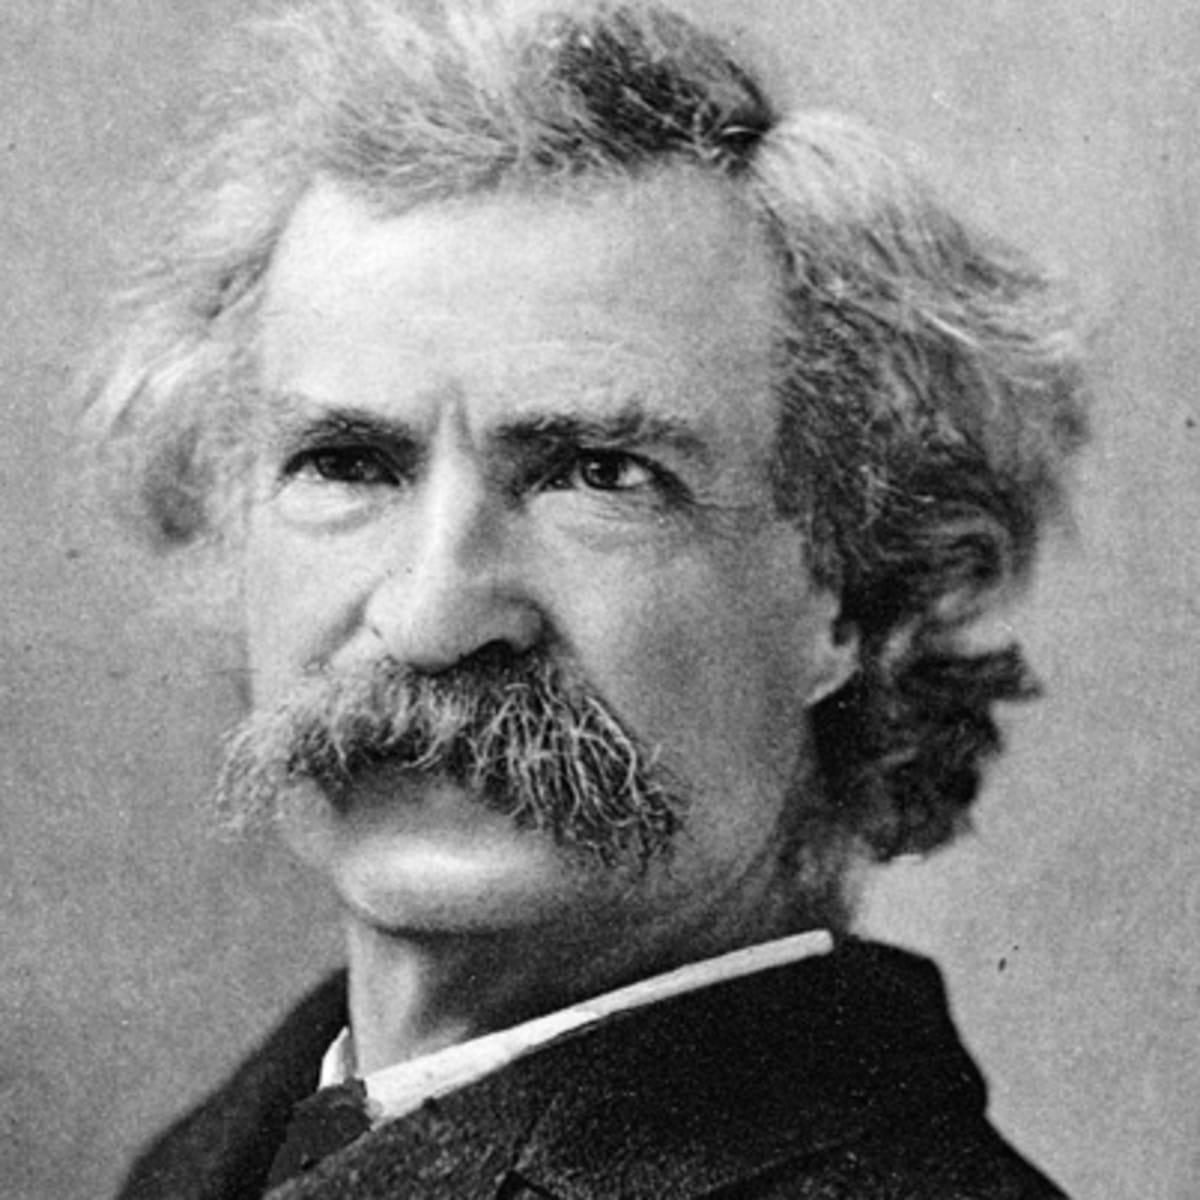 7da0a23c94829b9a783b510bee2011b1 - Don't Quote Him on That: Did Mark Twain Really Say This?